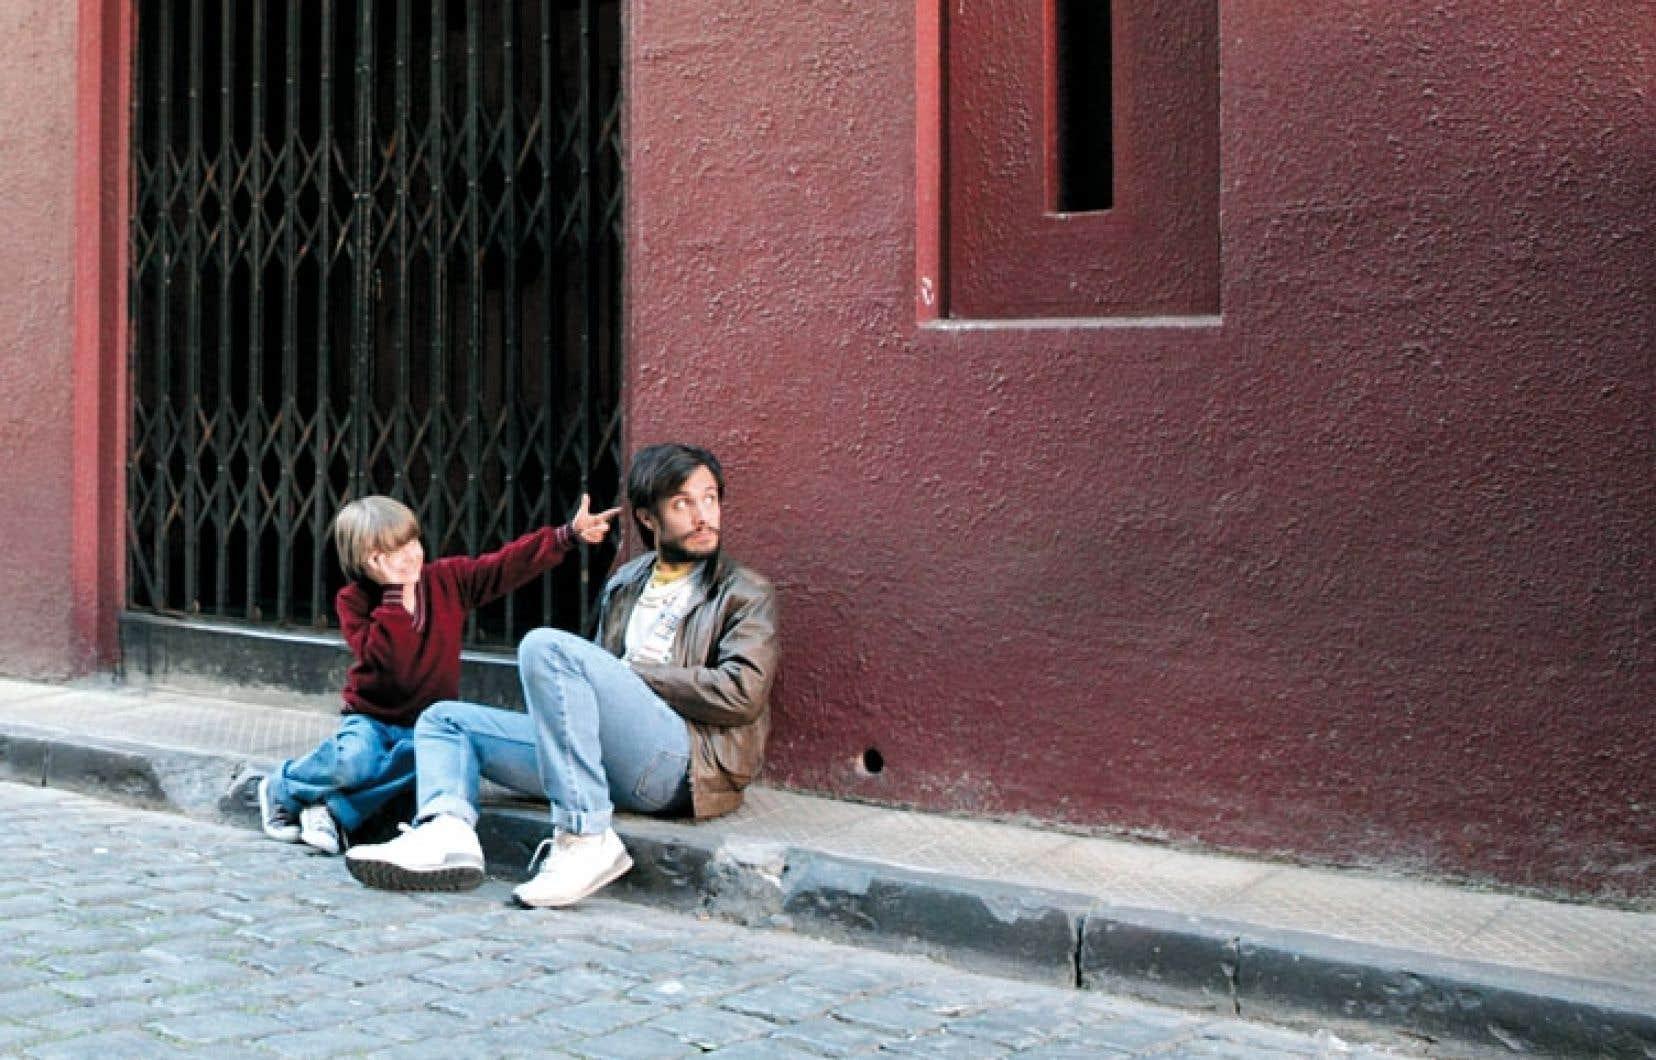 Ici, tout tourne autour d'un personnage ambigu et visionnaire : celui d'un jeune publicitaire matérialiste revenu d'exil, René Saavedra, interprété avec justesse par Gael García Bernal.